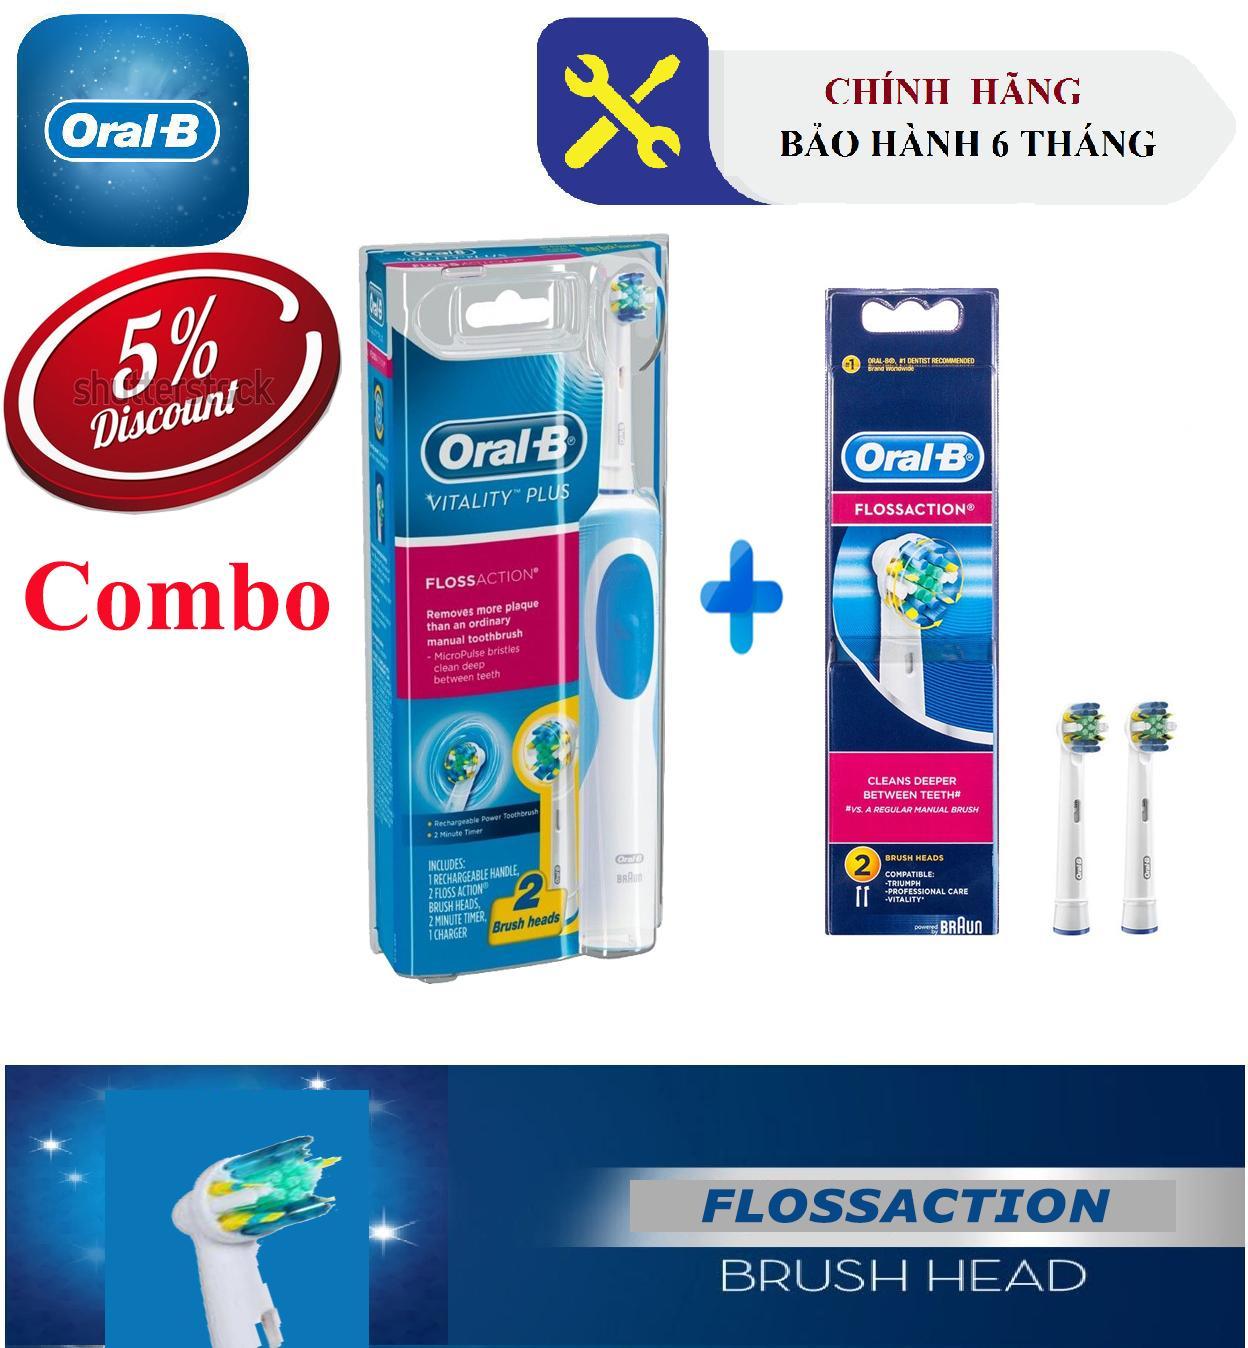 Combo Bàn chải đánh răng Oral-B Flossaction (Bảo hành 6 tháng) + Bộ 2 đầu Oral-B Flossaction